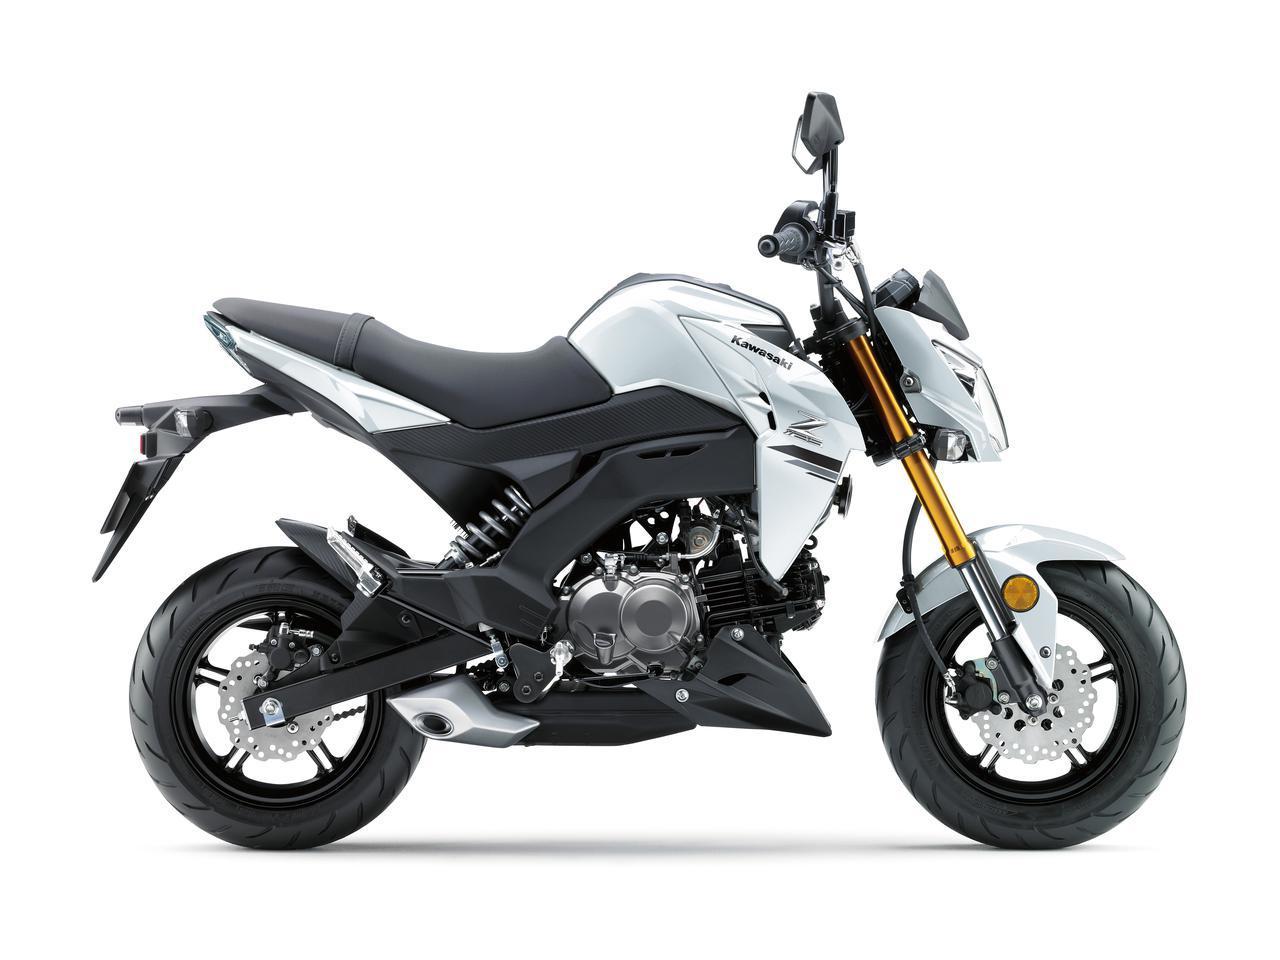 画像3: 2月1日発売!カワサキ「Z125 PRO」原付二種免許で乗れるカワサキのファンバイクに2020年カラーがラインアップ!